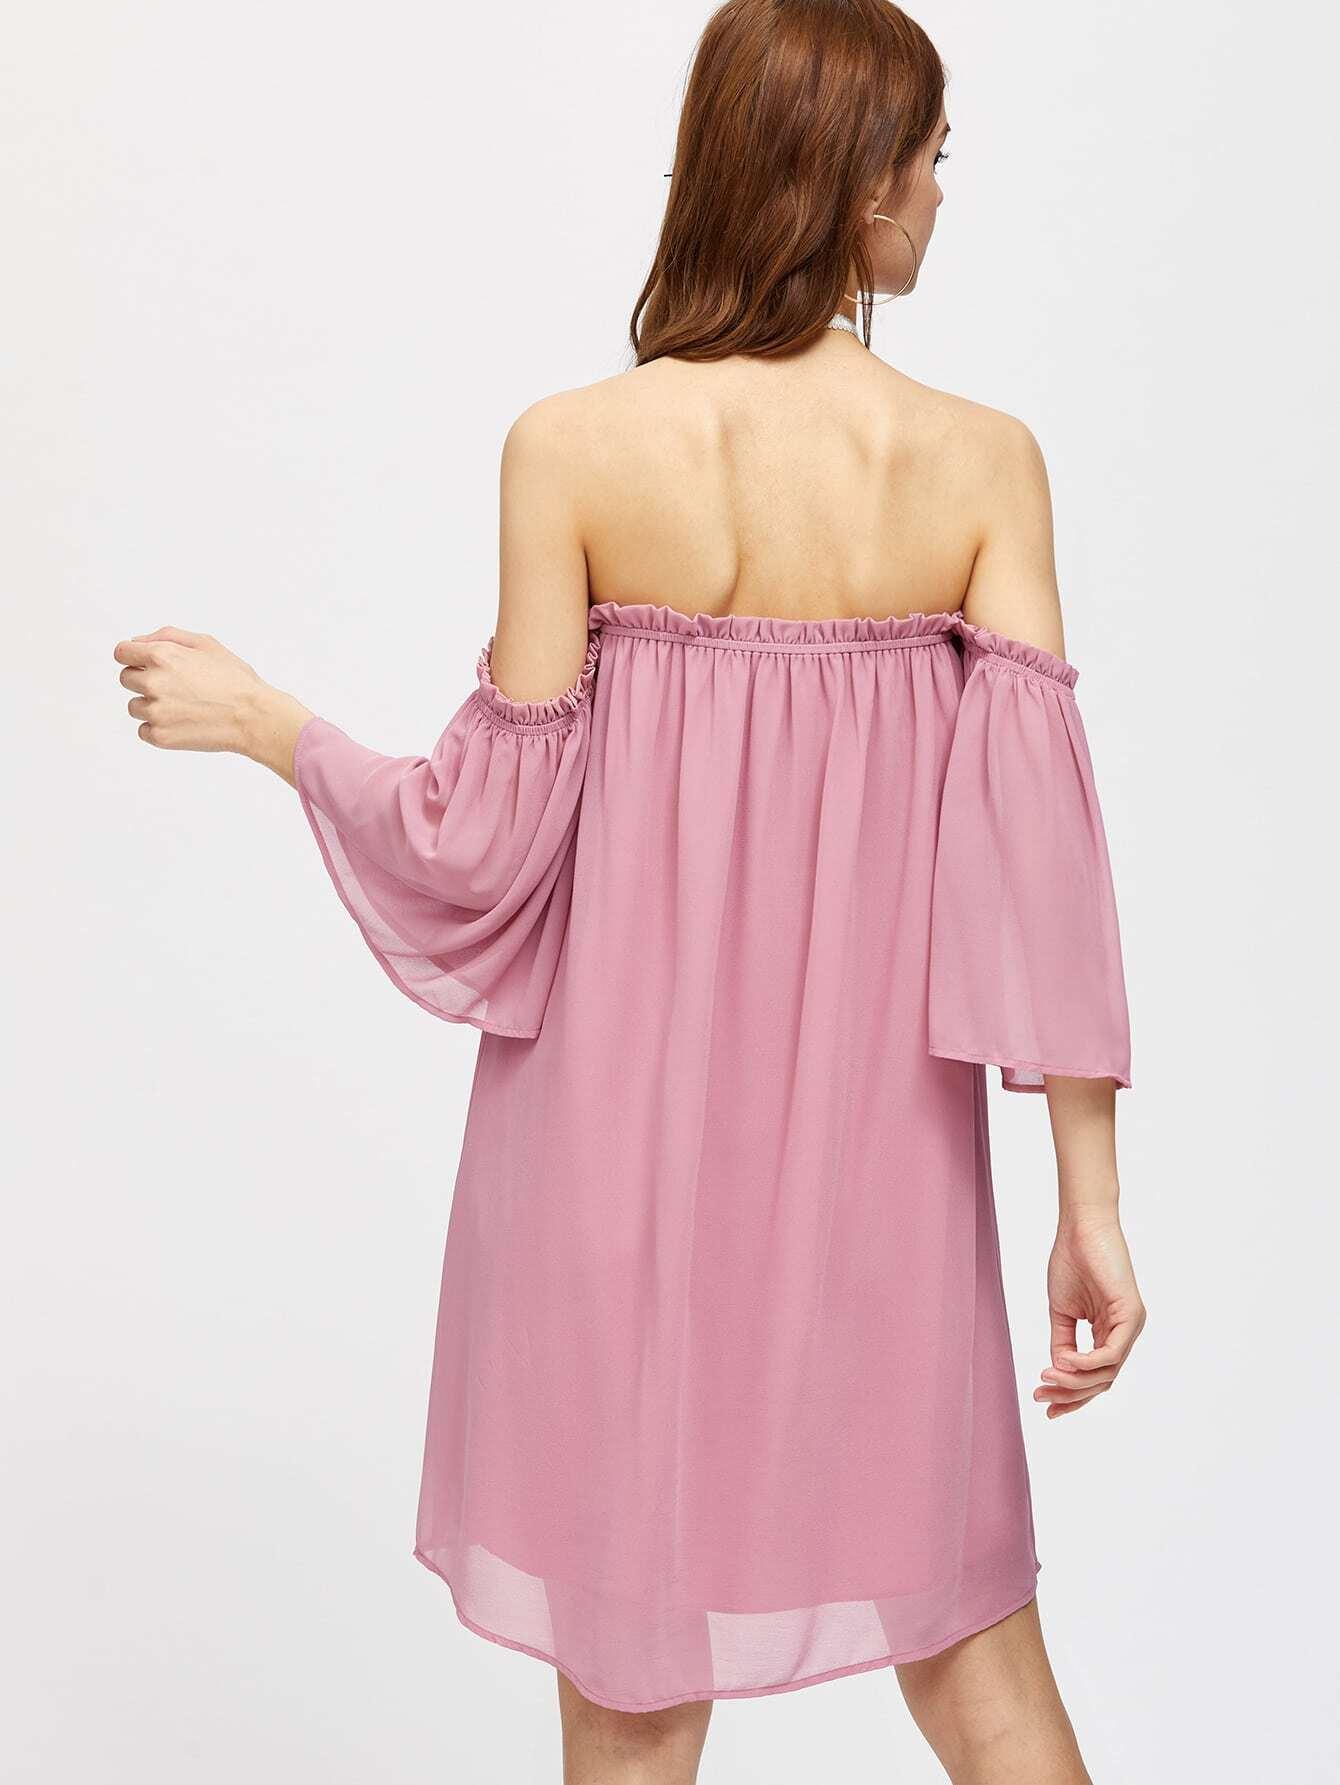 dress170510452_2